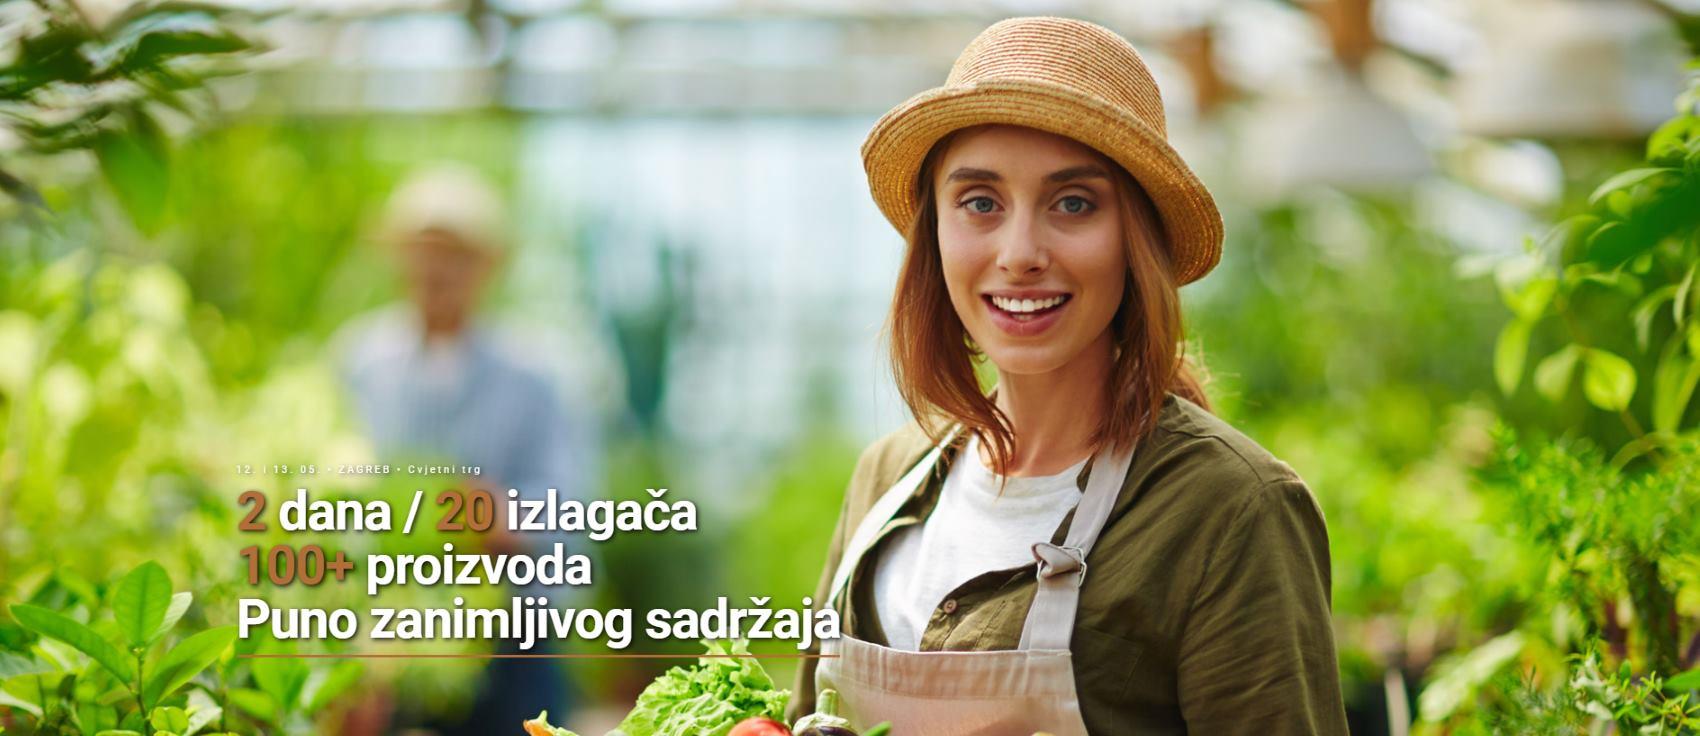 Sajam mladih poljoprivrednika održava se 12. i 13. svibnja na zagrebačkom Cvjetnom trgu